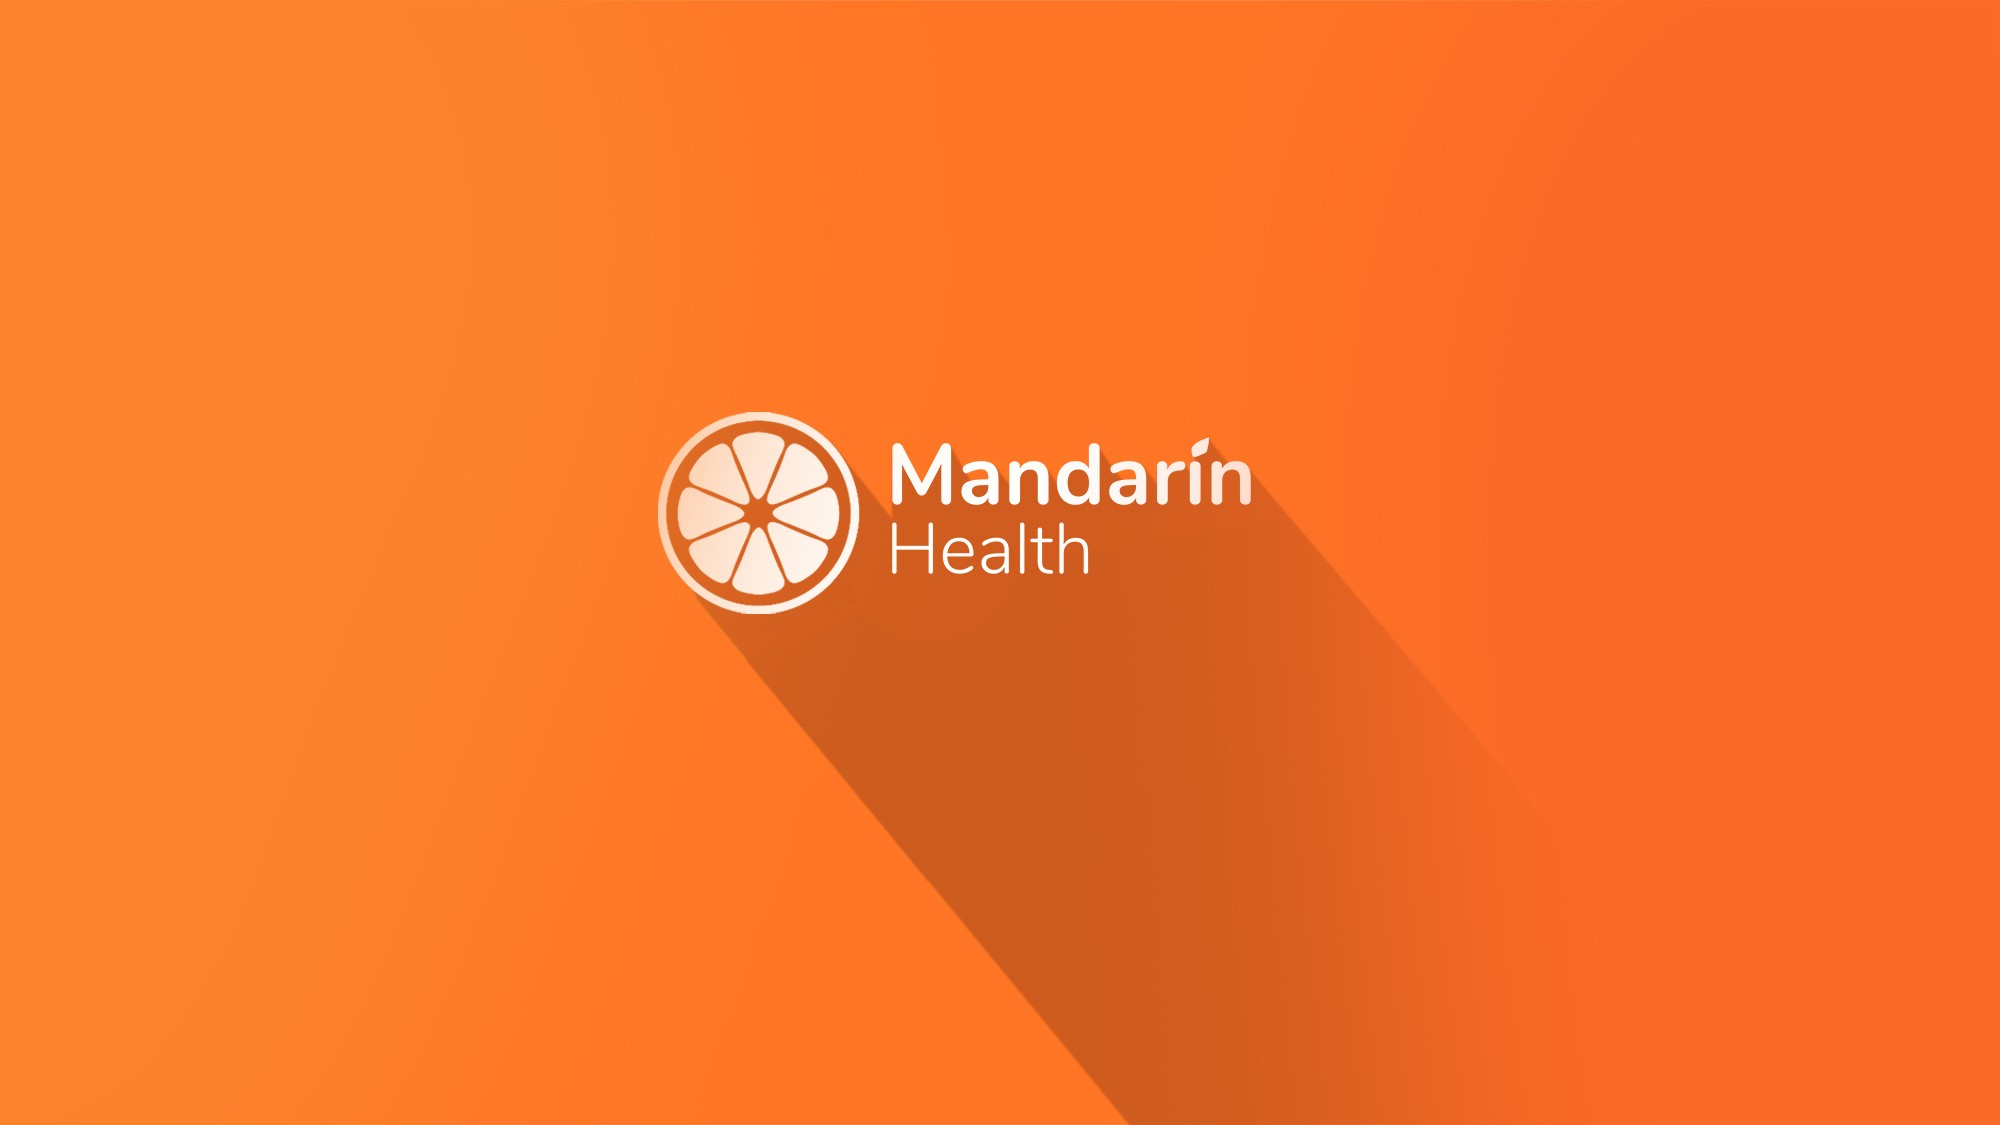 Yapay Zeka ile daha sağlıklı bir yaşam tarzı:  Mandarin Health